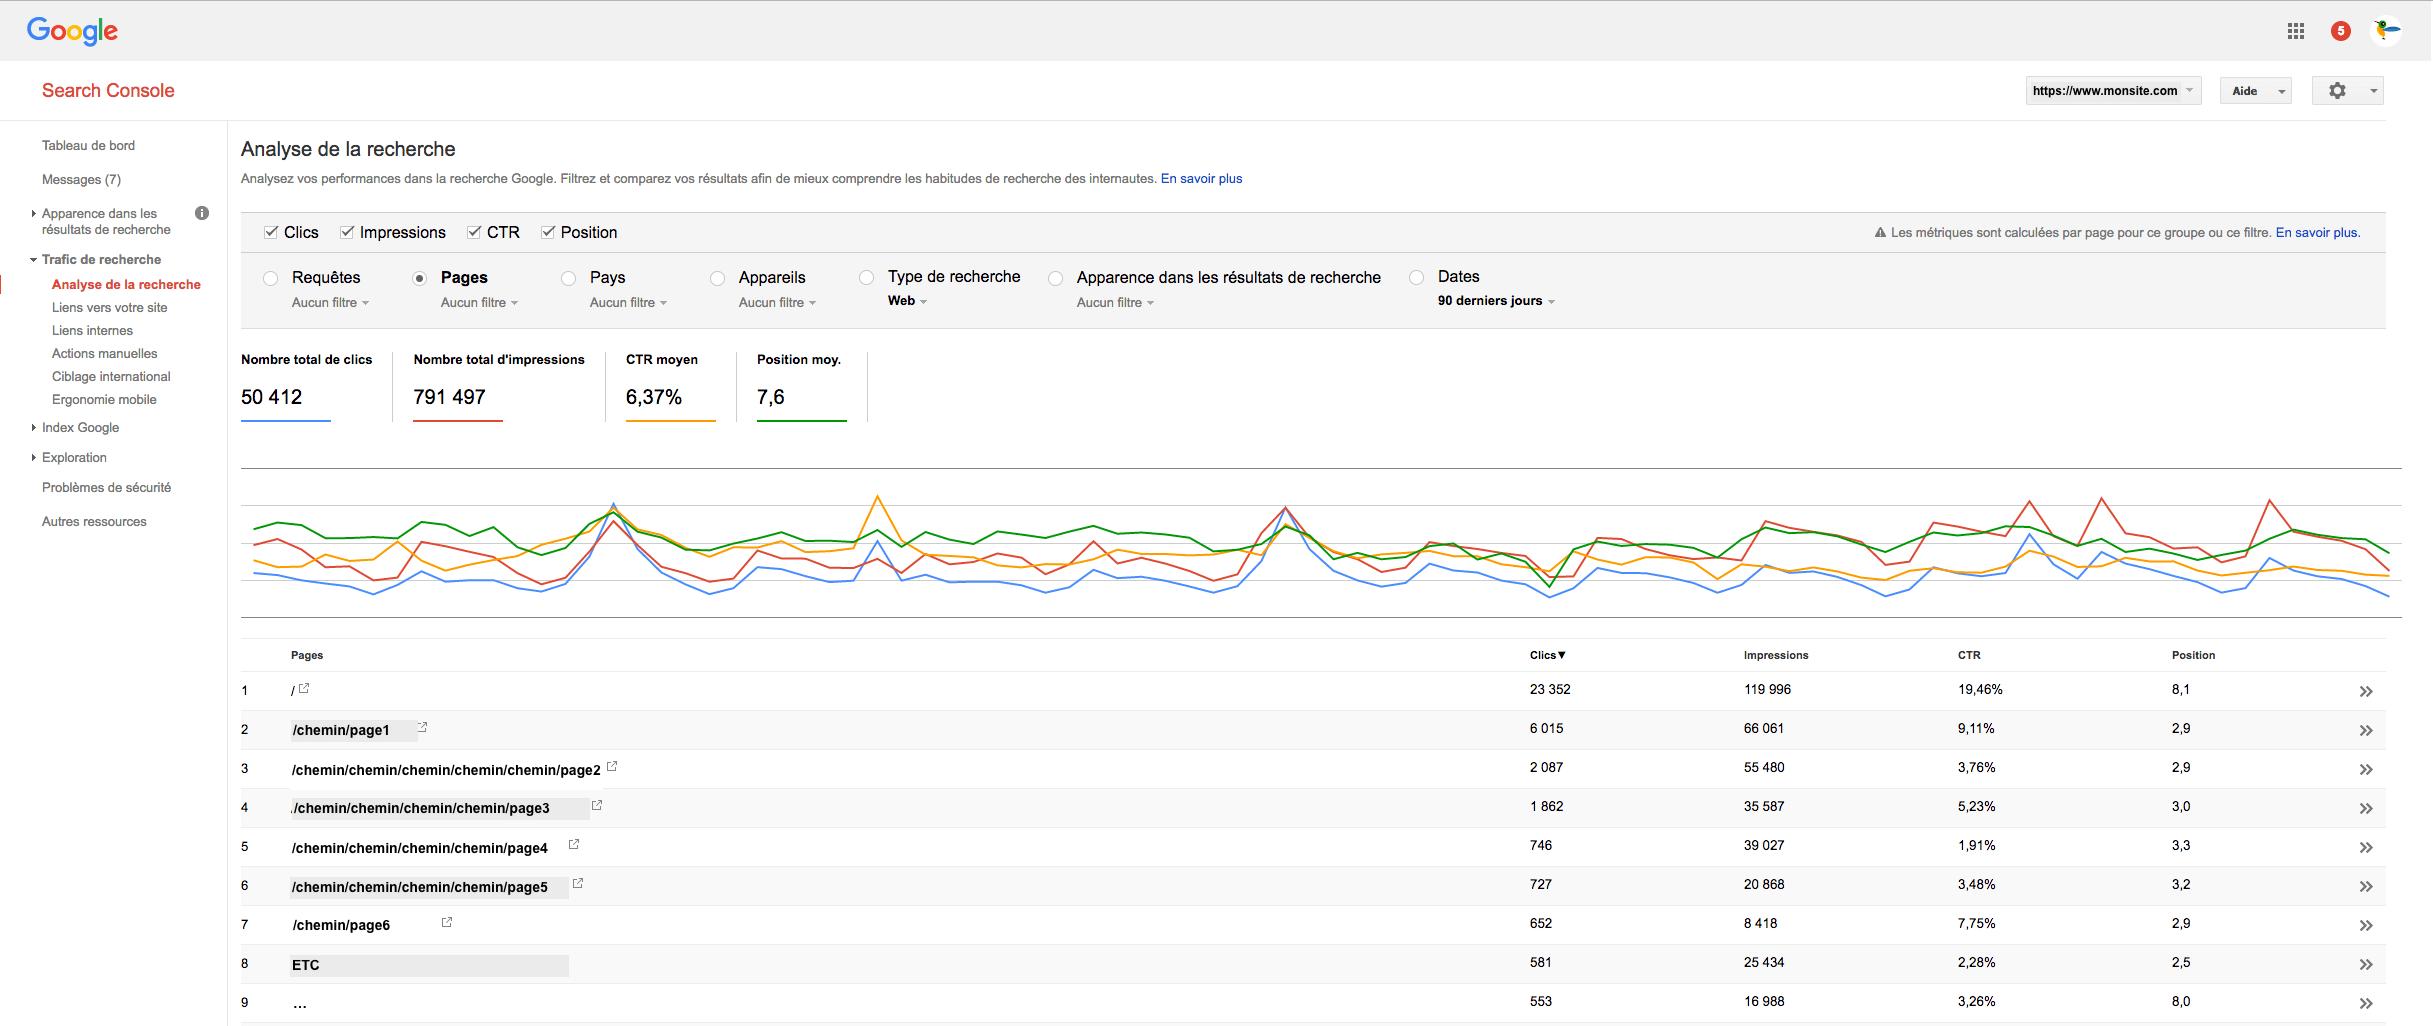 Pages dans Search Console